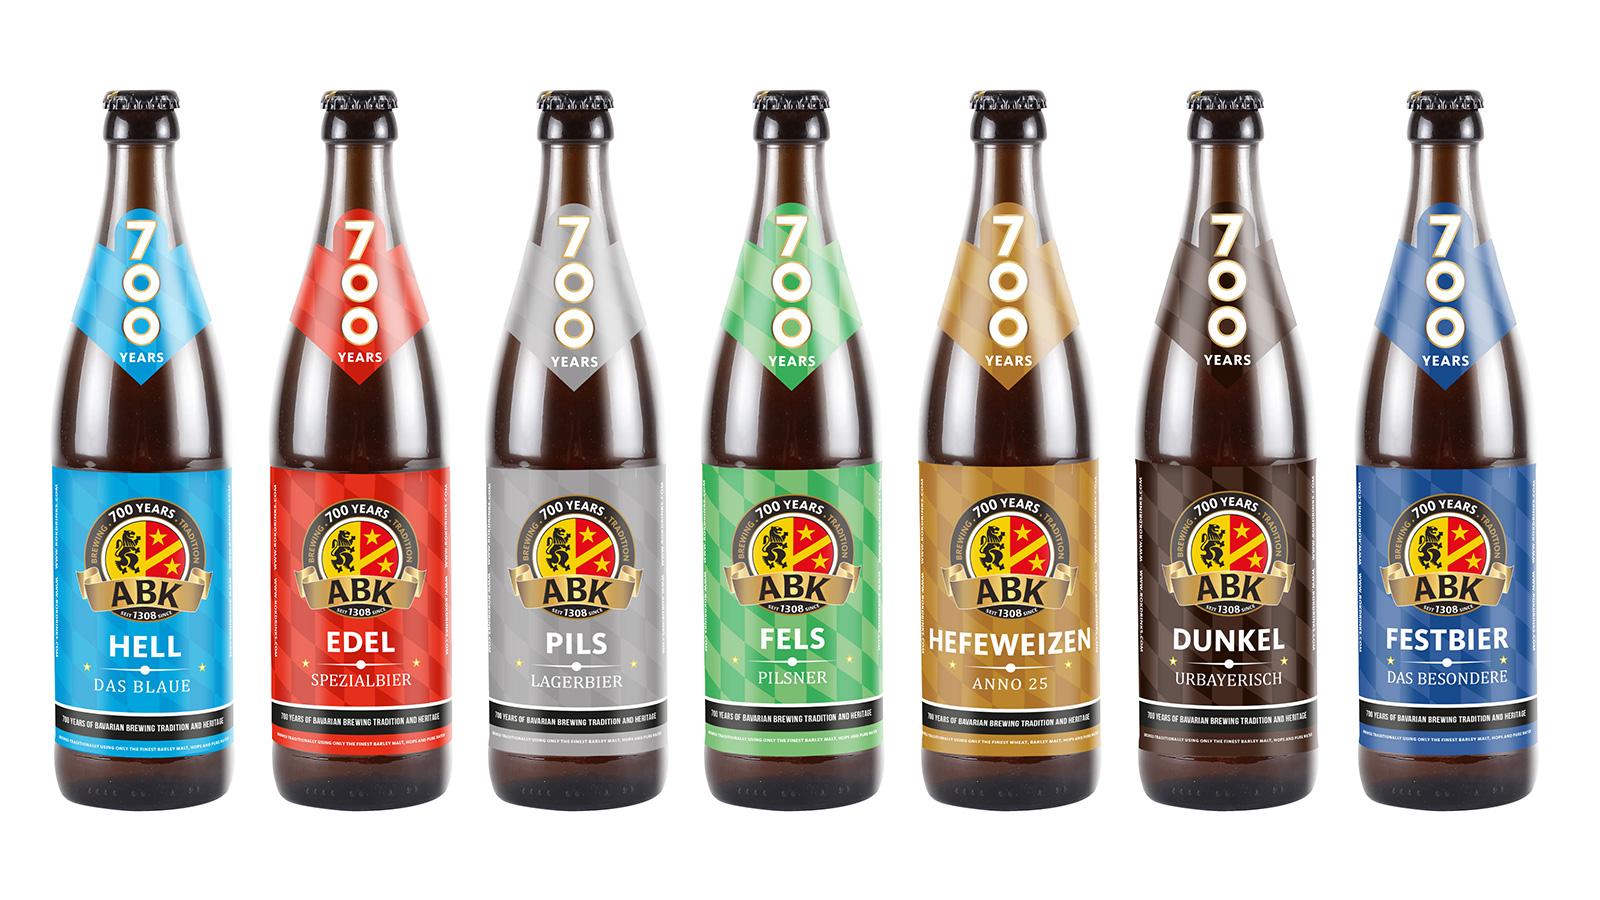 abk-bottles-2019.jpg